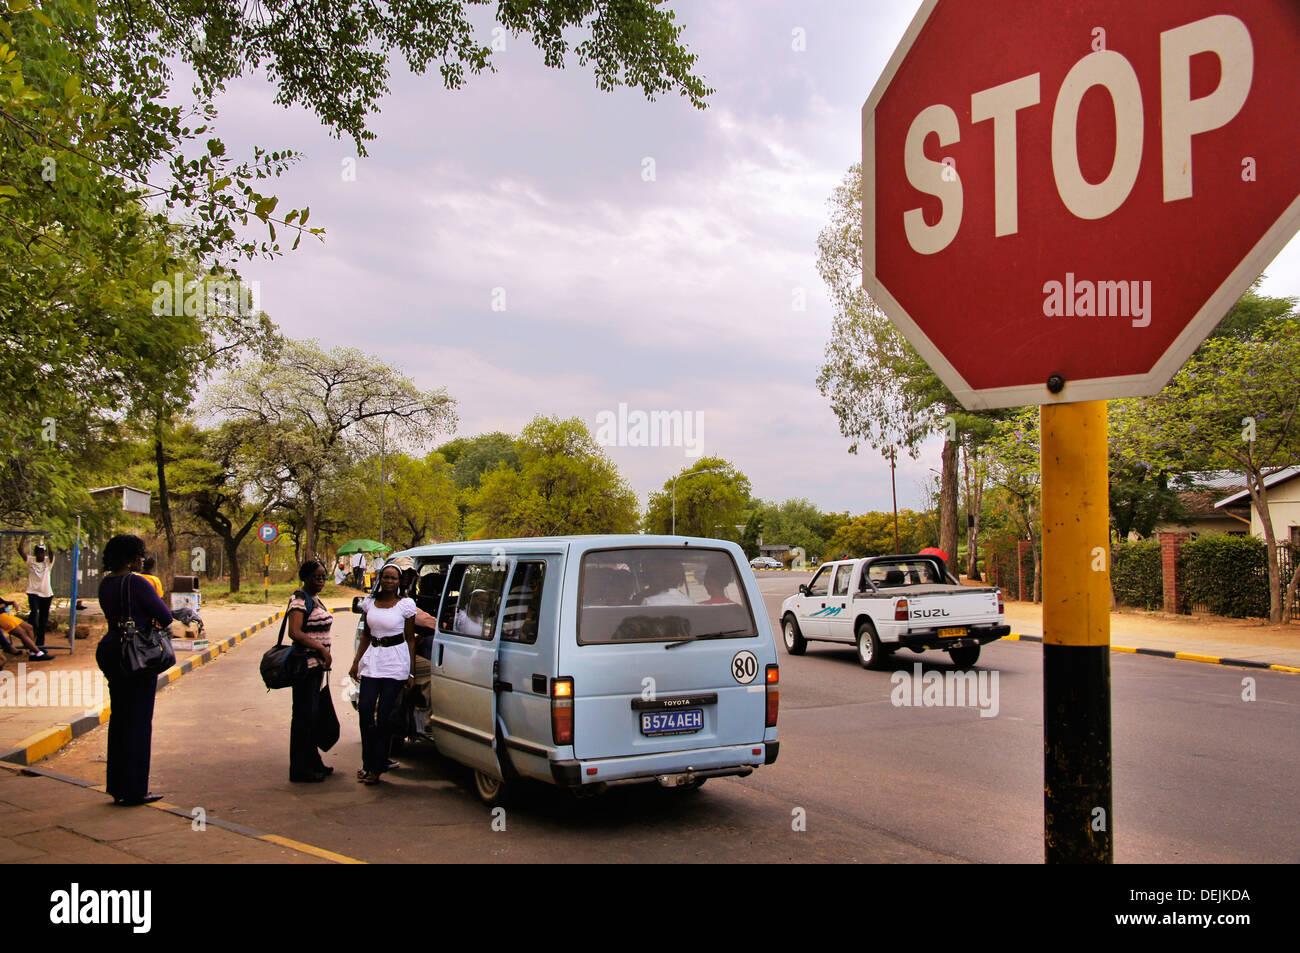 Minibus trasporto a Gaborone, Botswana Immagini Stock